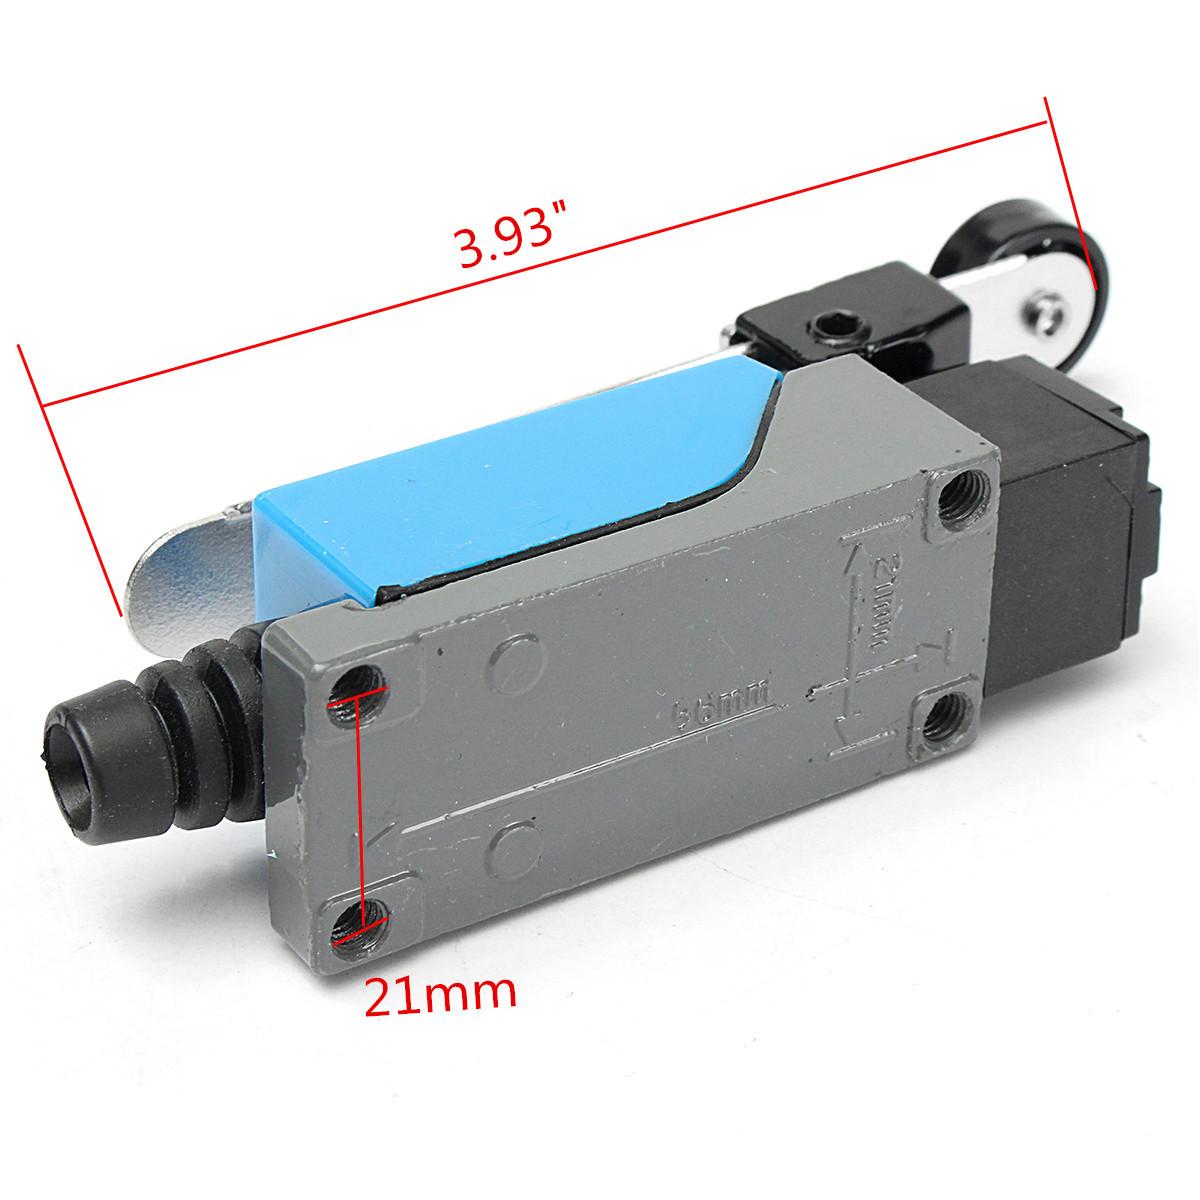 Excellway® 5шт. Предельный выключатель AC 250V 5A Регулируемый поворотный рычаг Ролик - фото 2